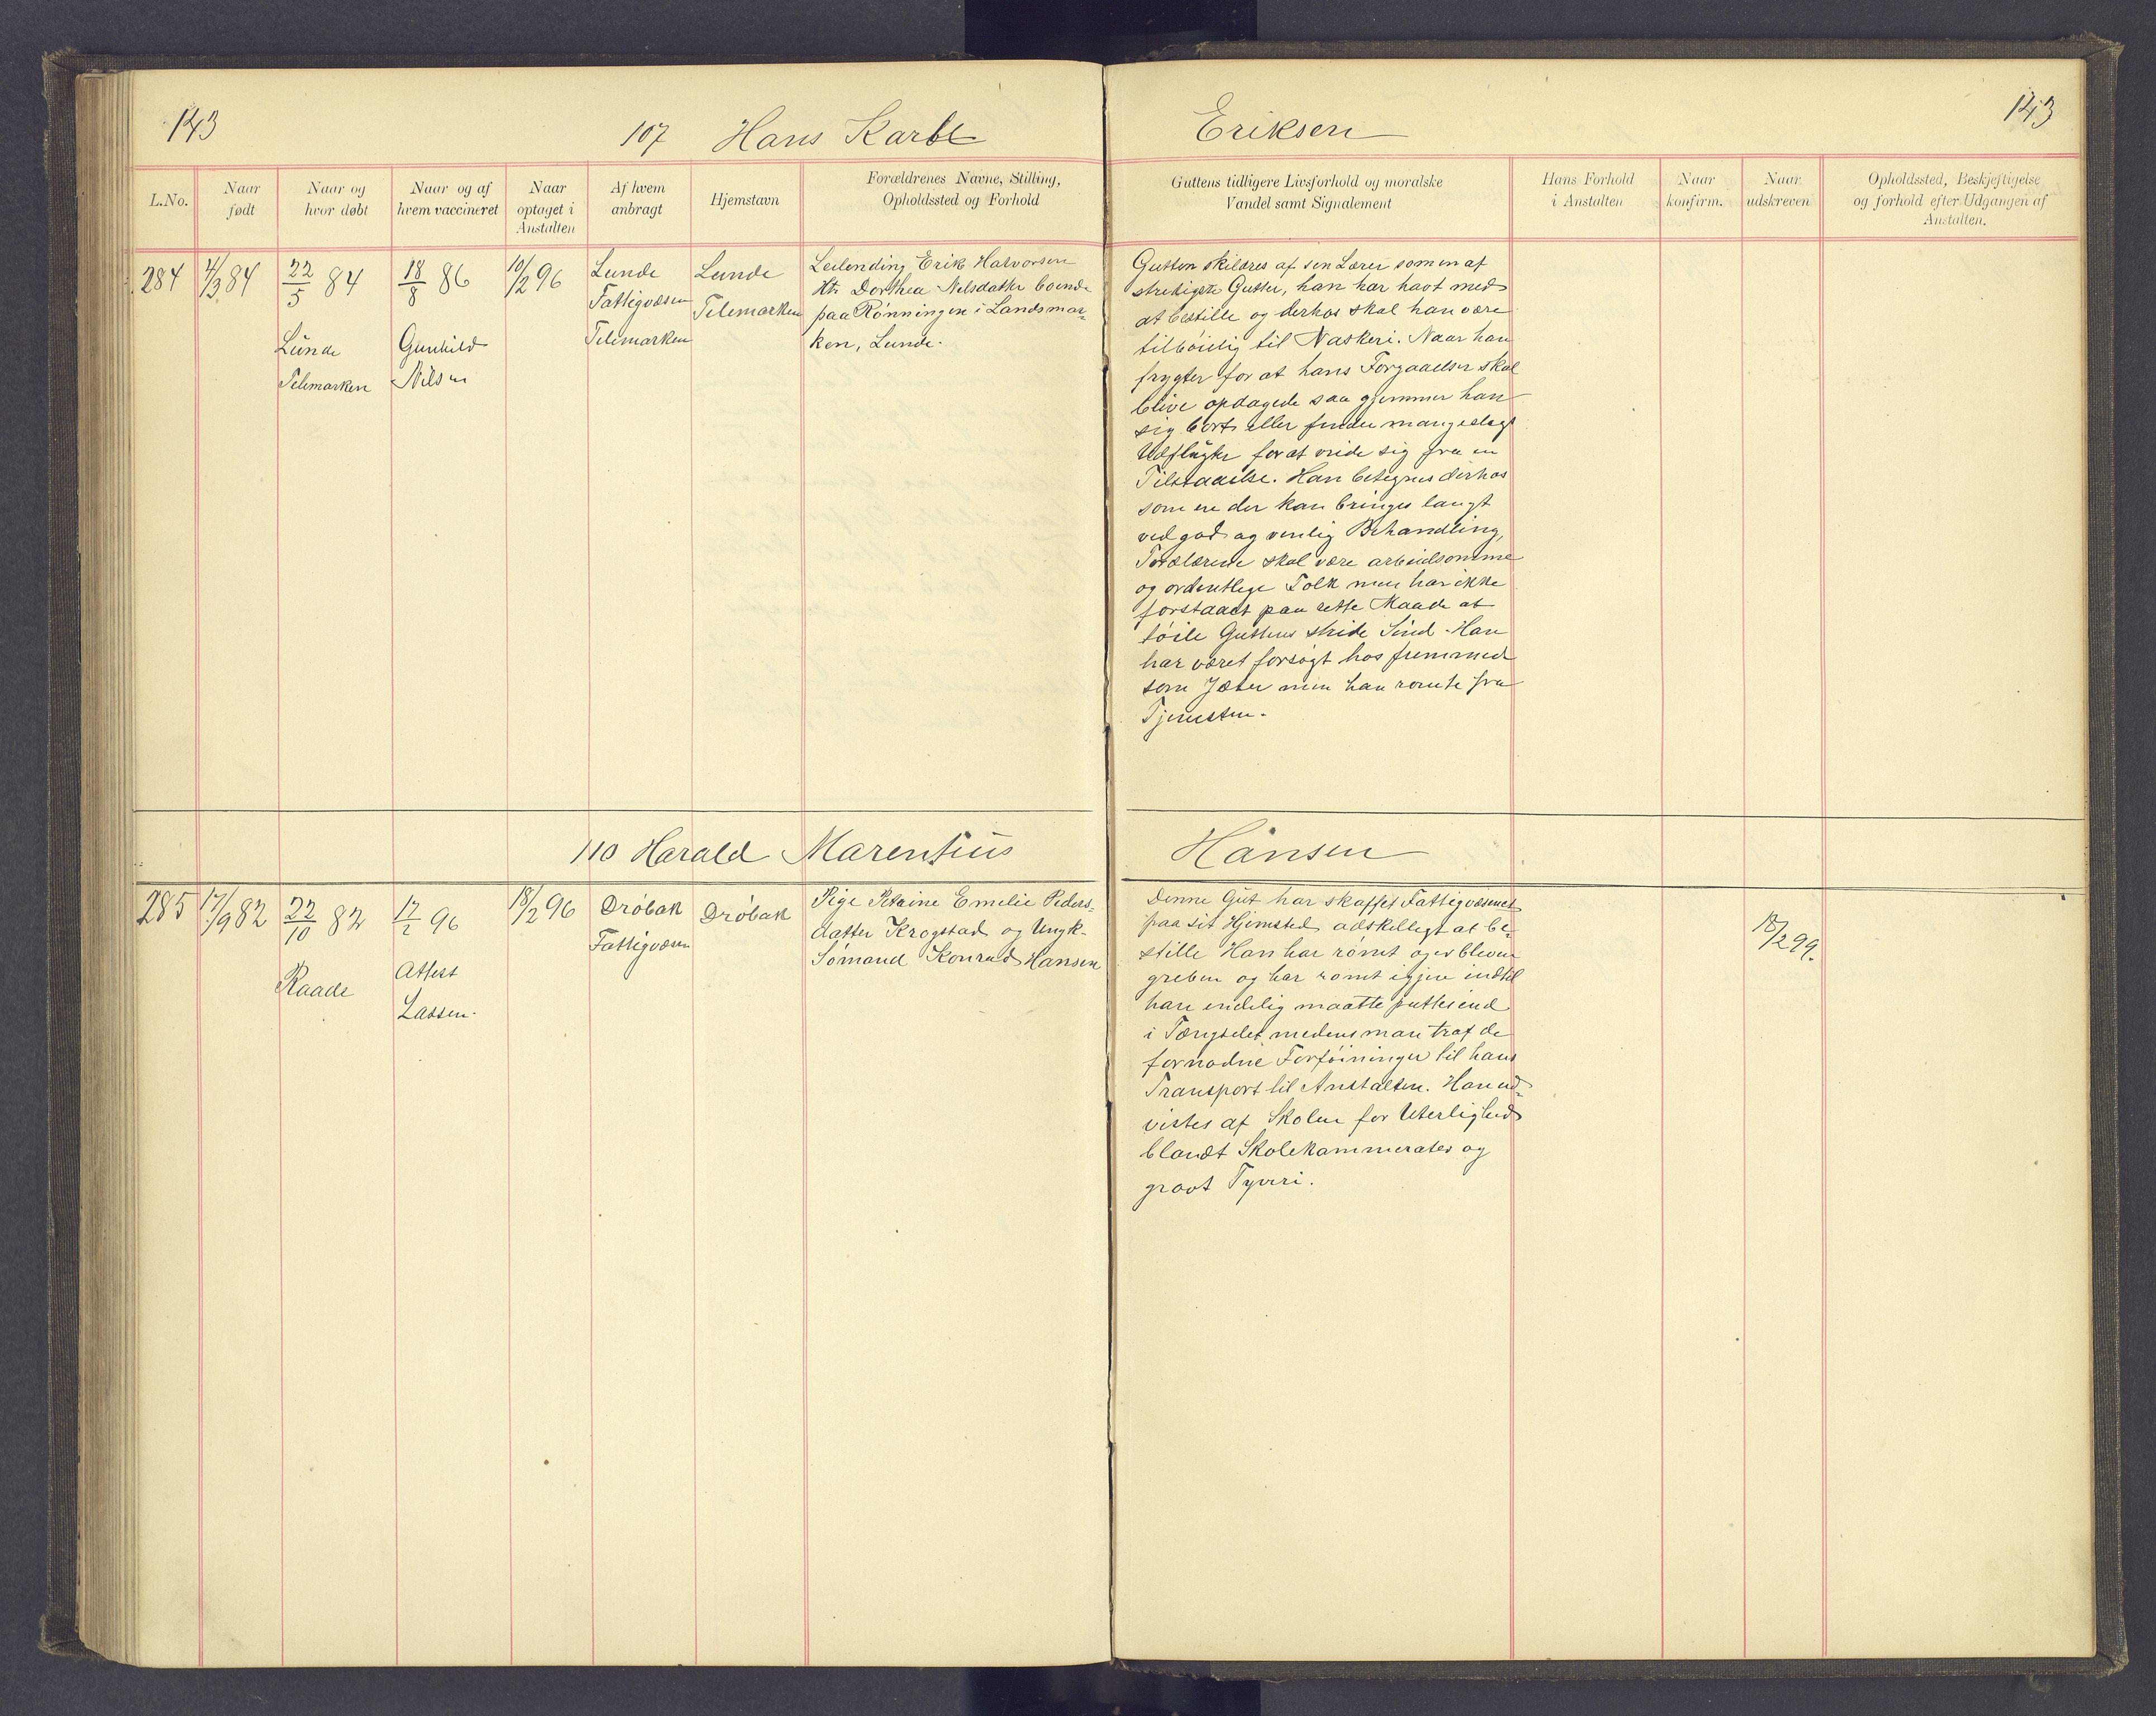 SAH, Toftes Gave, F/Fc/L0004: Elevprotokoll, 1885-1897, s. 143